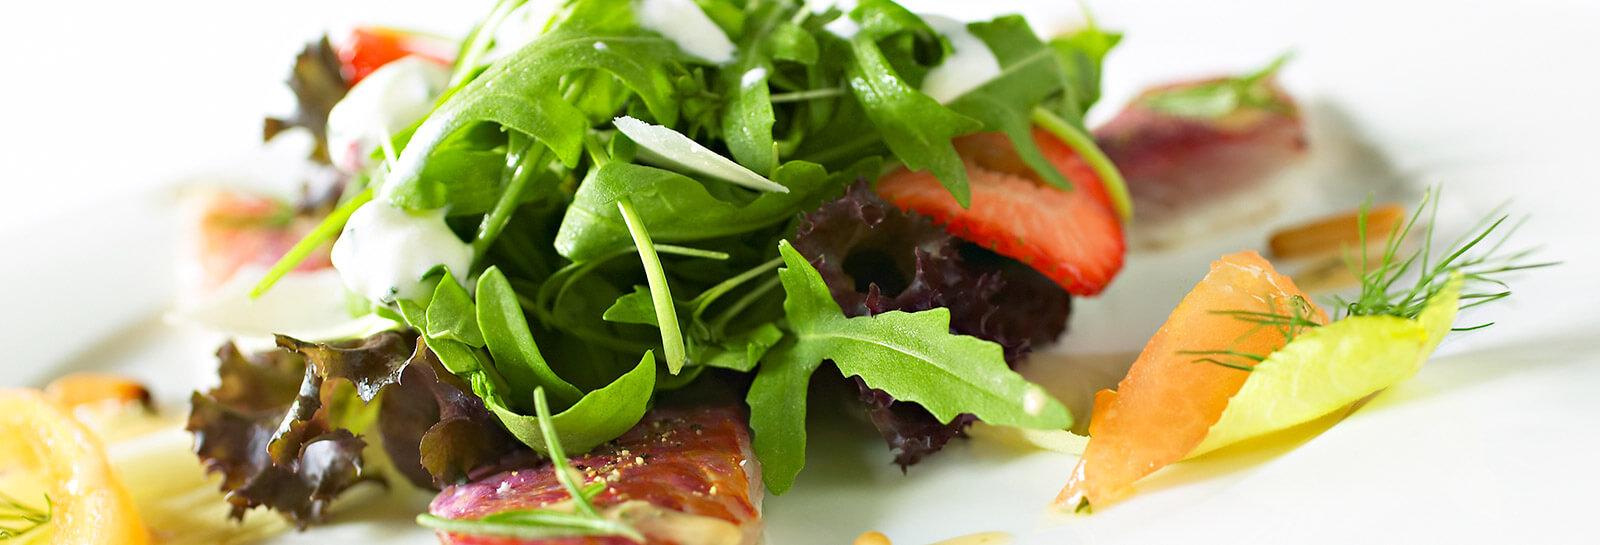 salate i čorbe